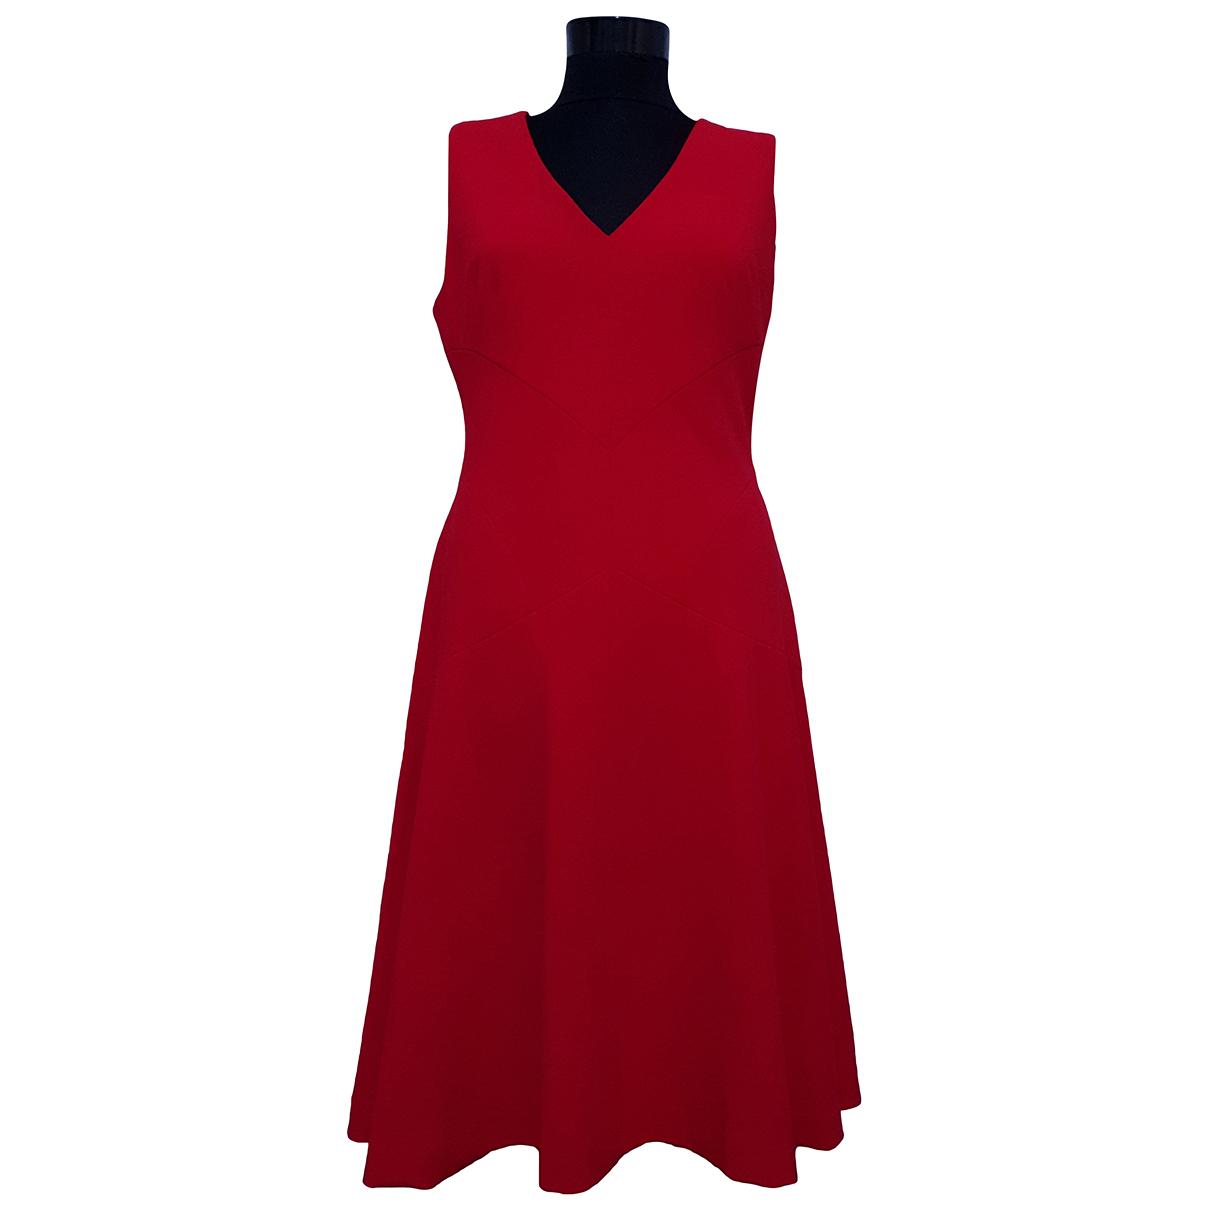 Dkny \N Kleid in  Rot Polyester